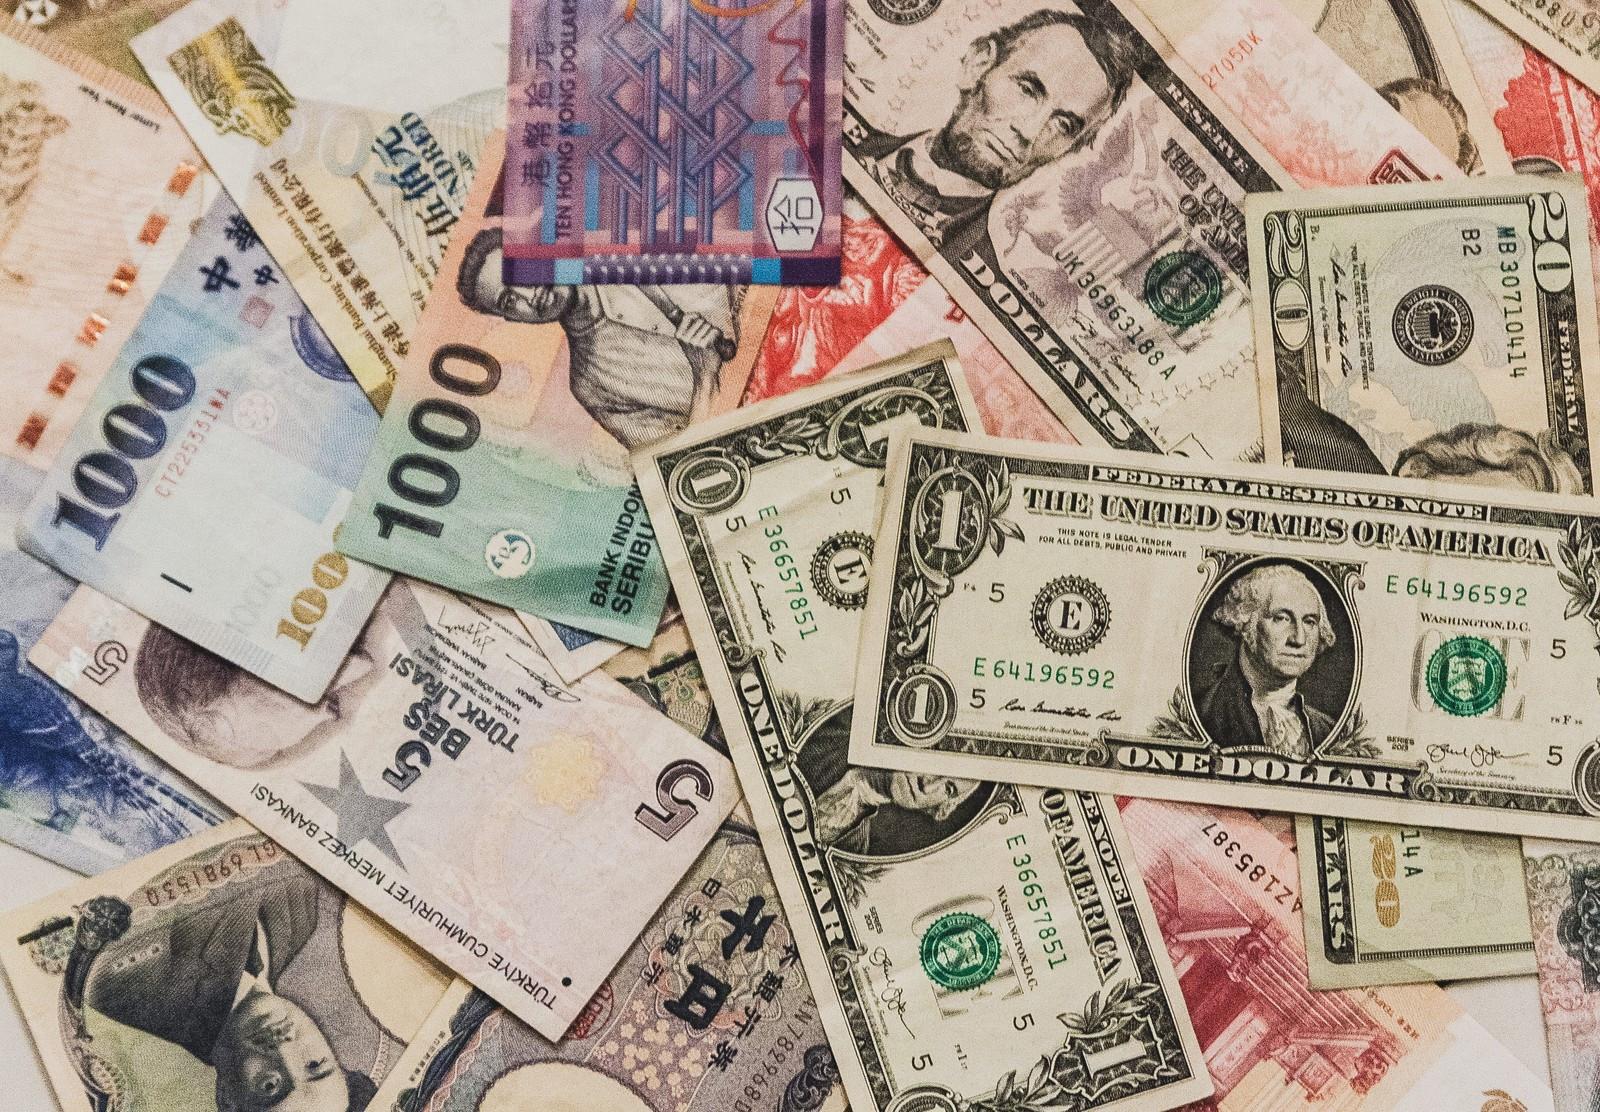 是[凝視旅行] 新觀念:國外旅遊使用信用卡比現金更好?!這篇文章的首圖